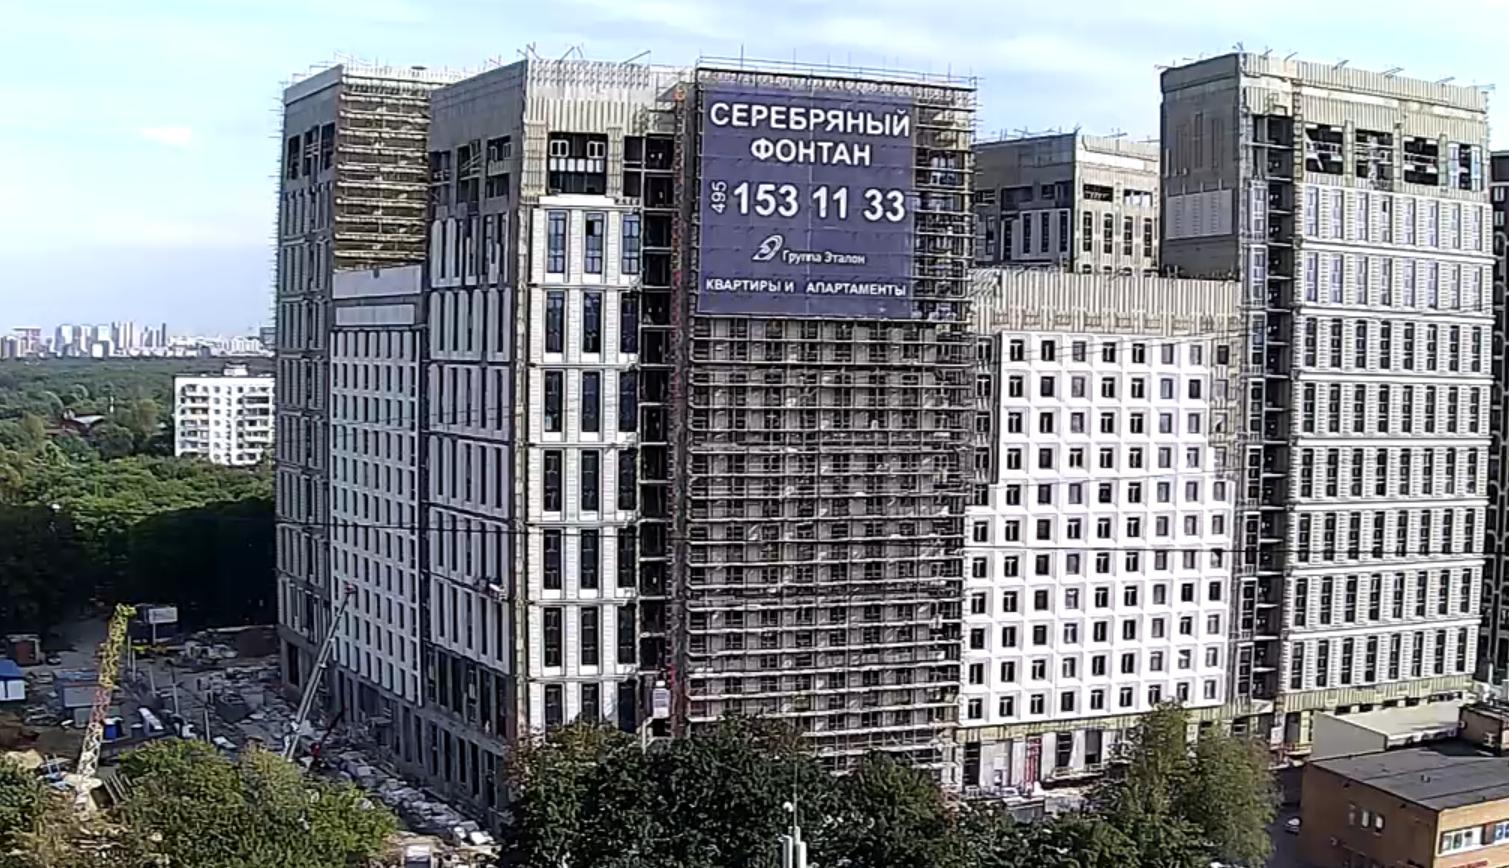 Веб-камеры на площадке строительства ЖК «Серебряный фонтан»  - Страница 25 JkFaqmki